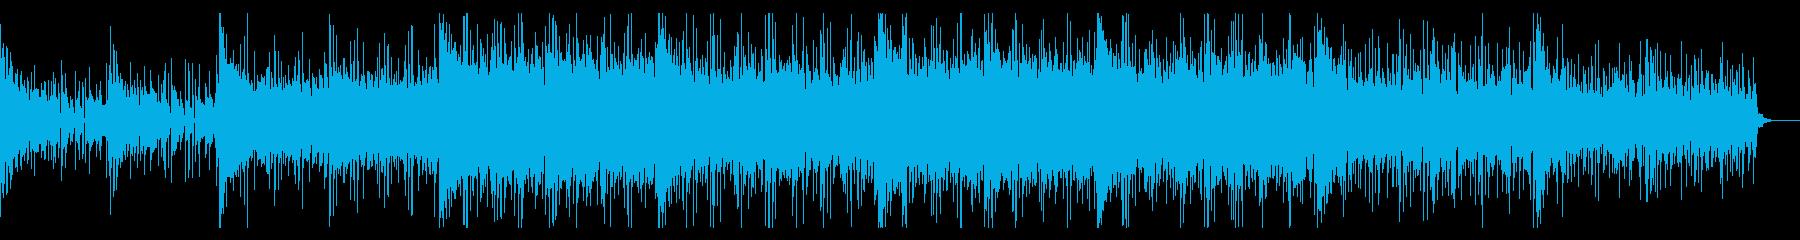 デジタルで不思議な空間のエレクトロニカの再生済みの波形